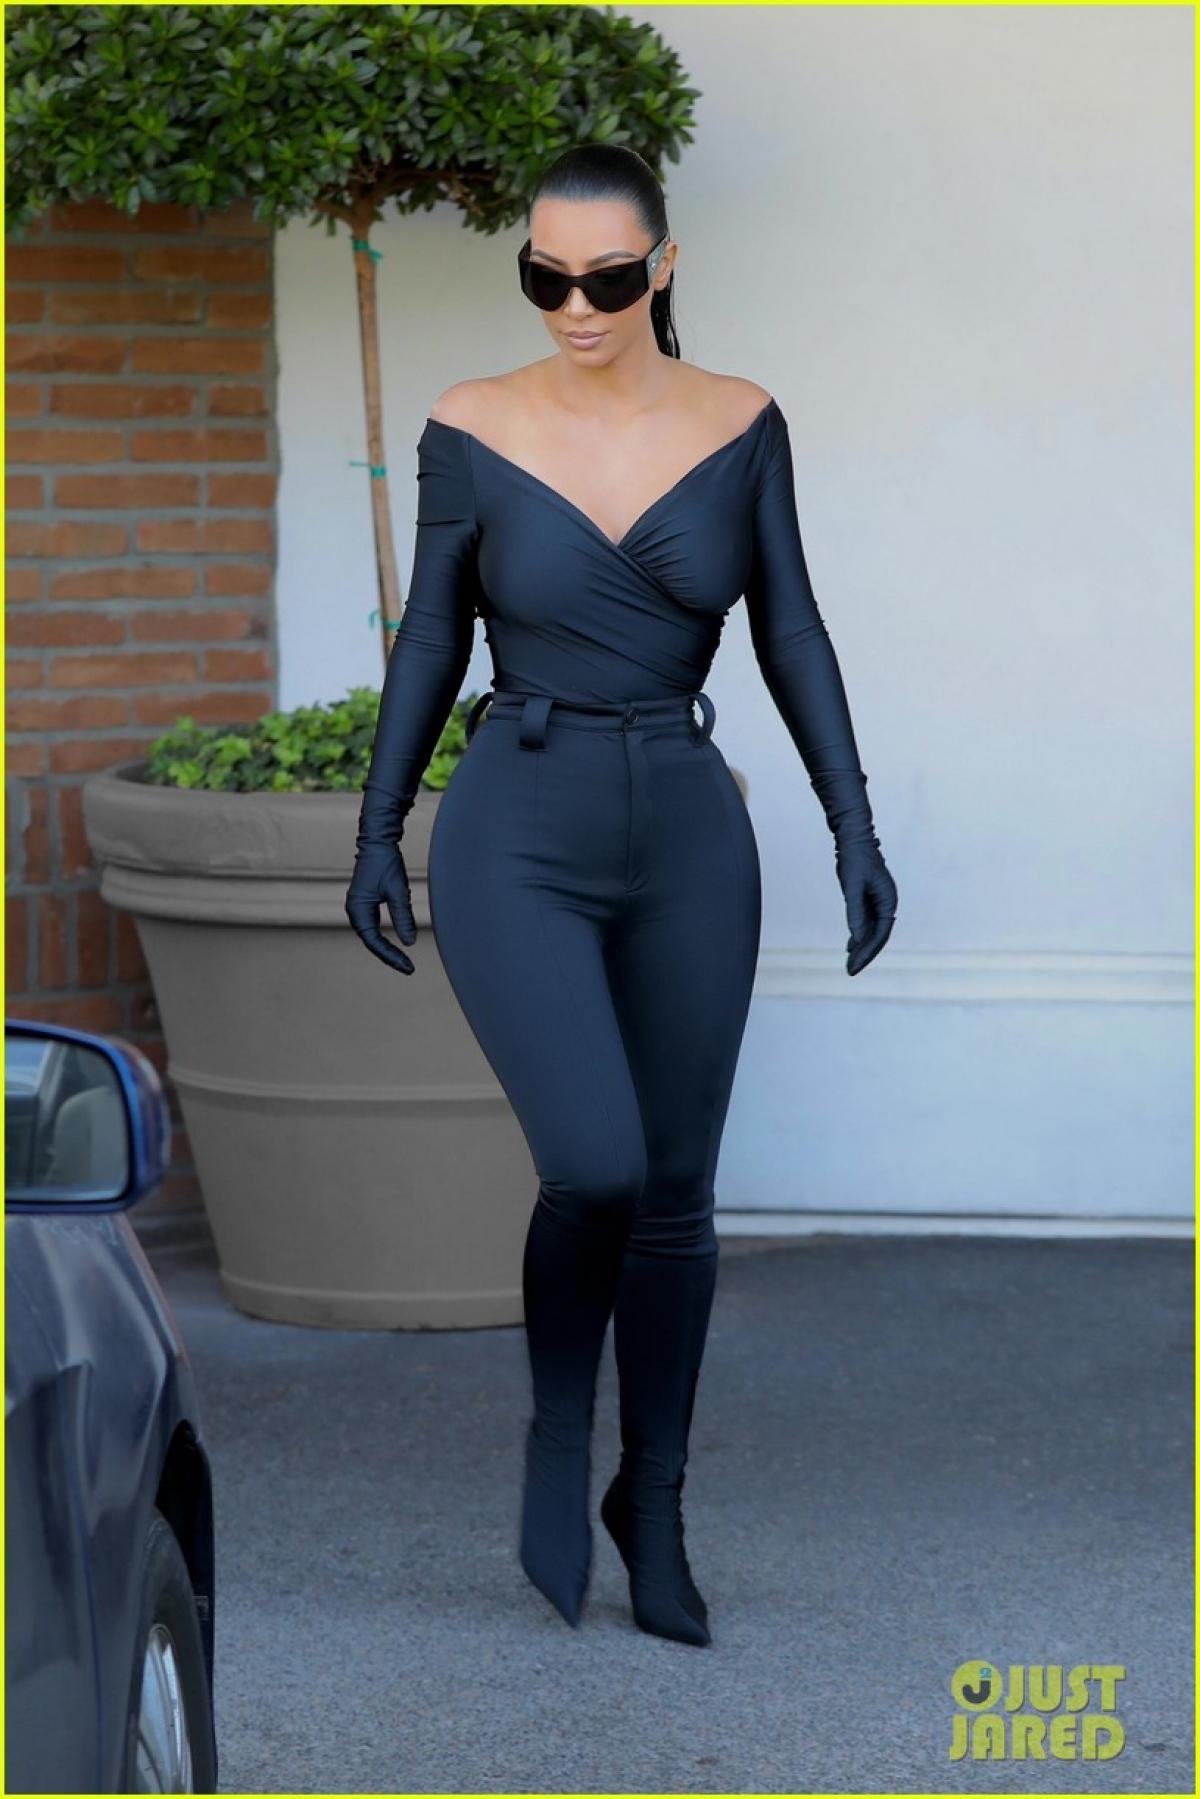 Mỗi lần Kim Kardashian xuất hiện đều nhận được sự quan tâm của giới truyền thông và công chúng.